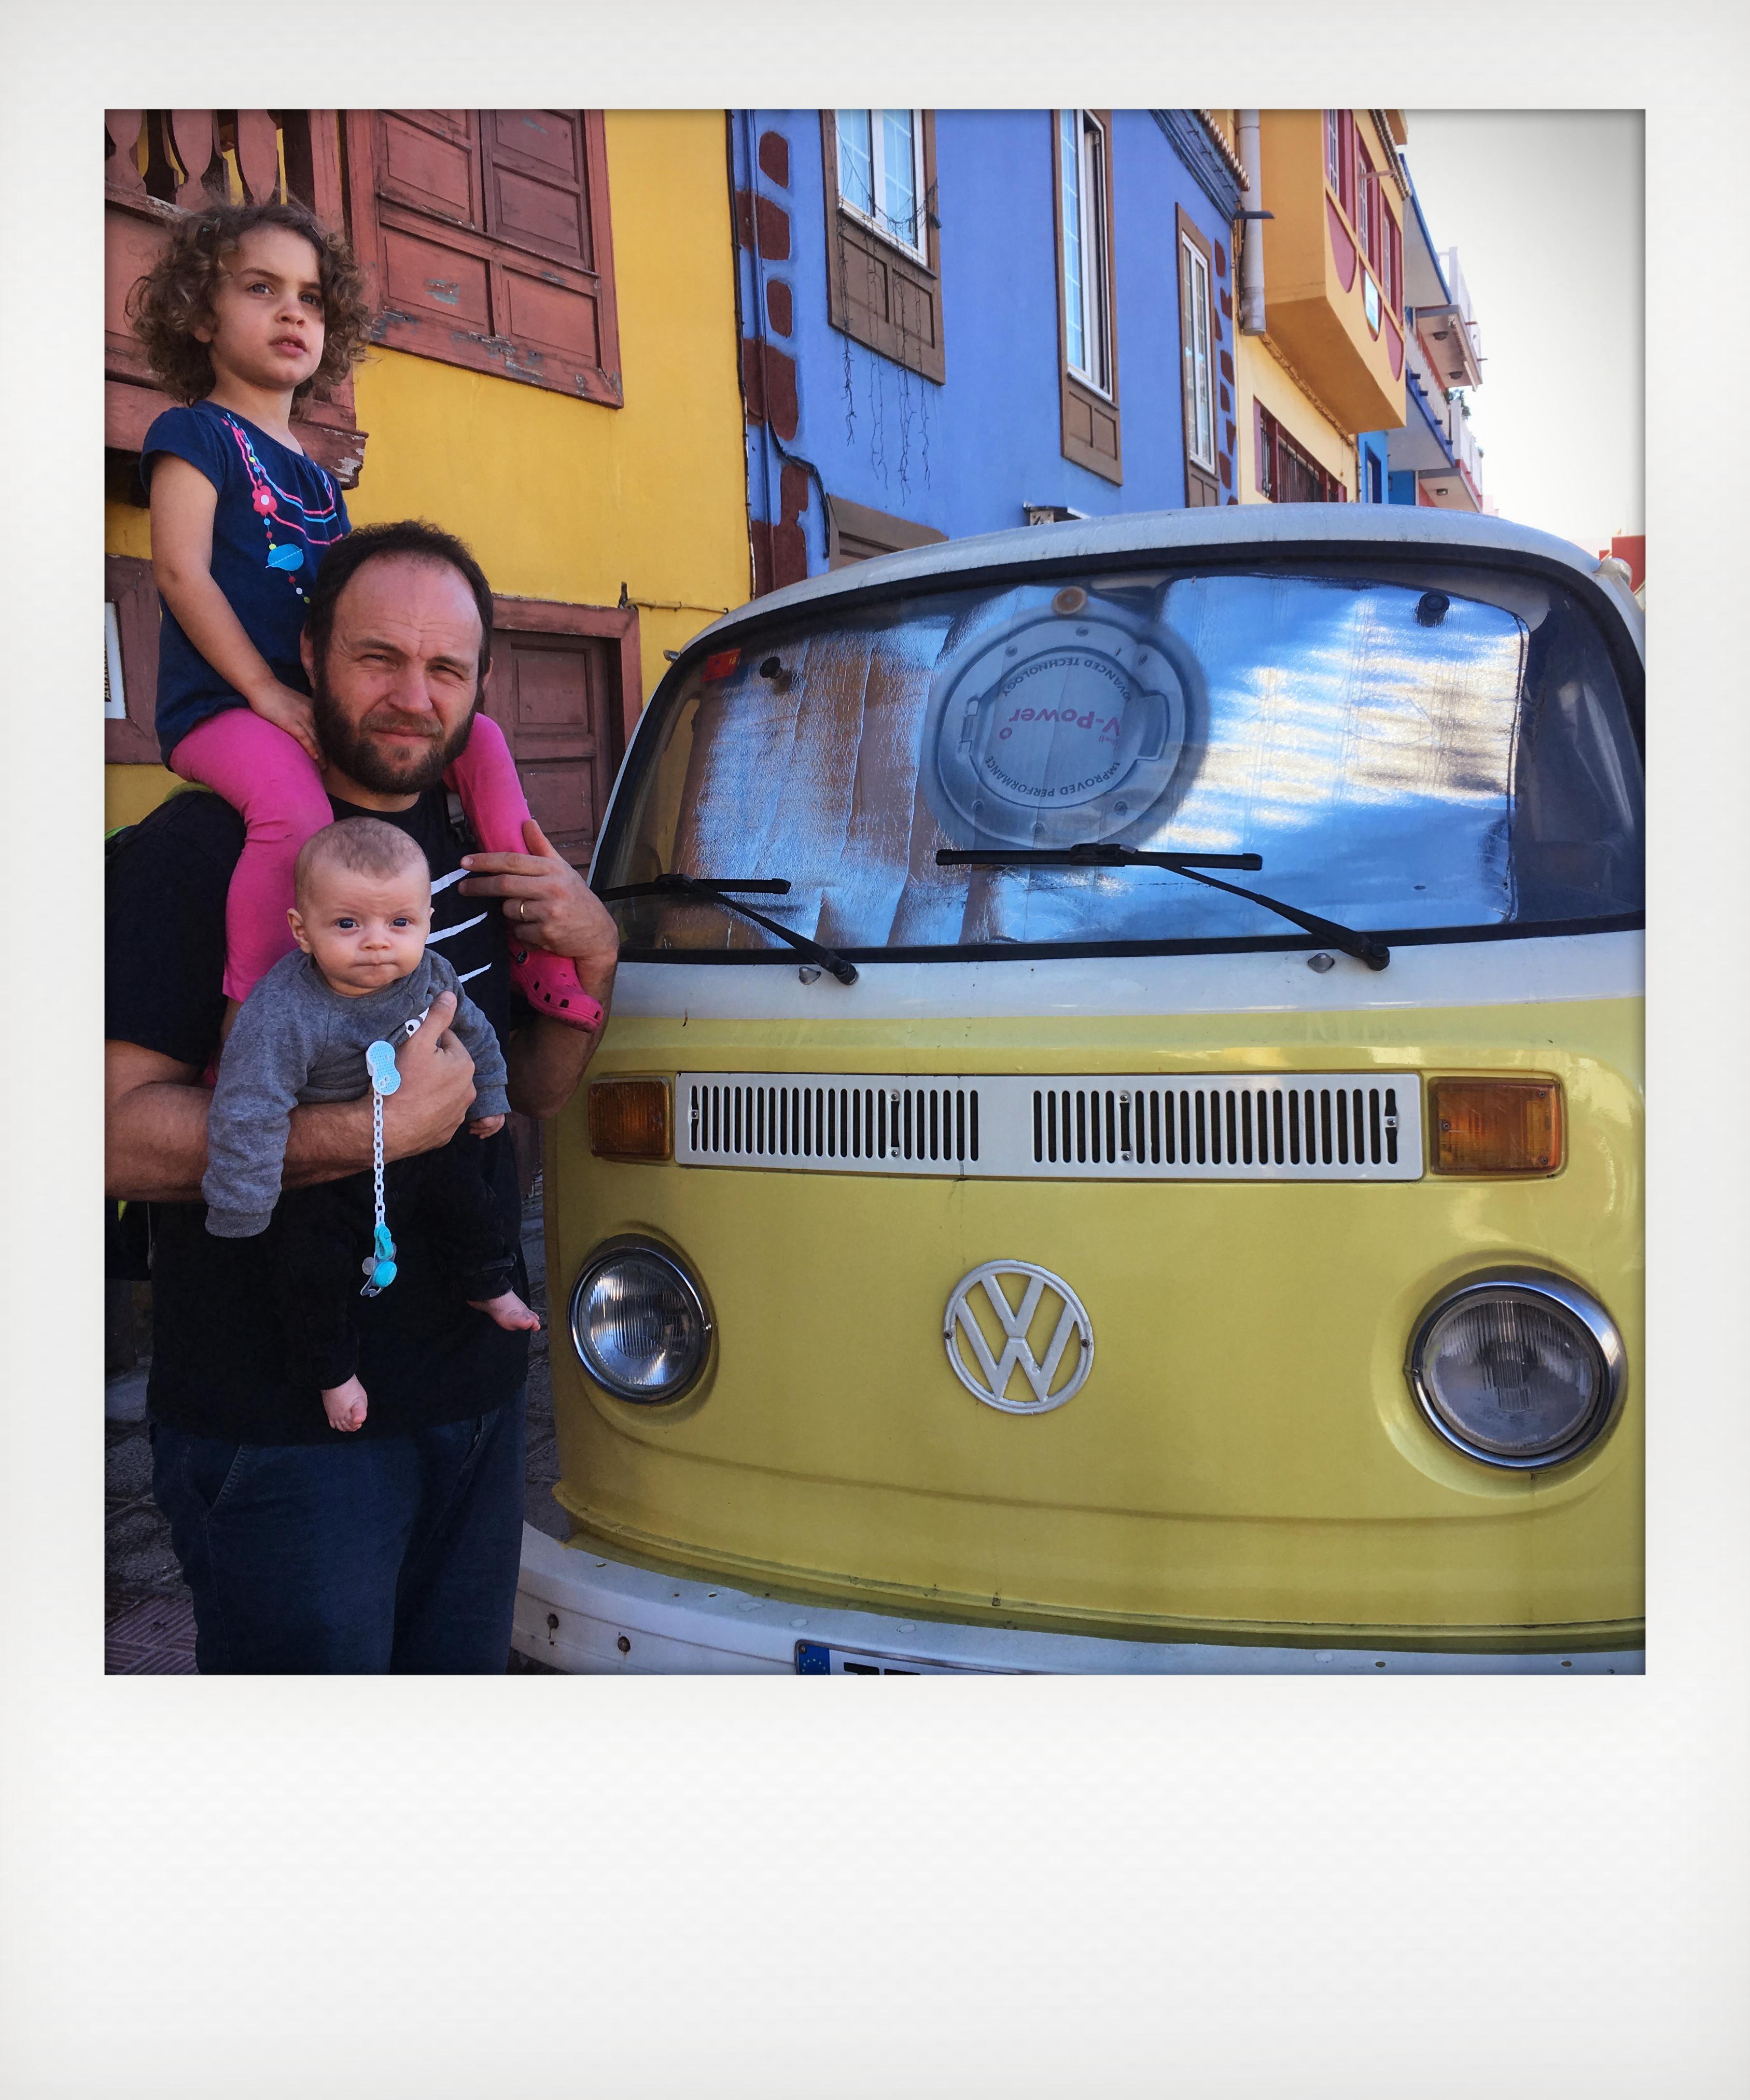 viaggi con bambini all'estero al mare